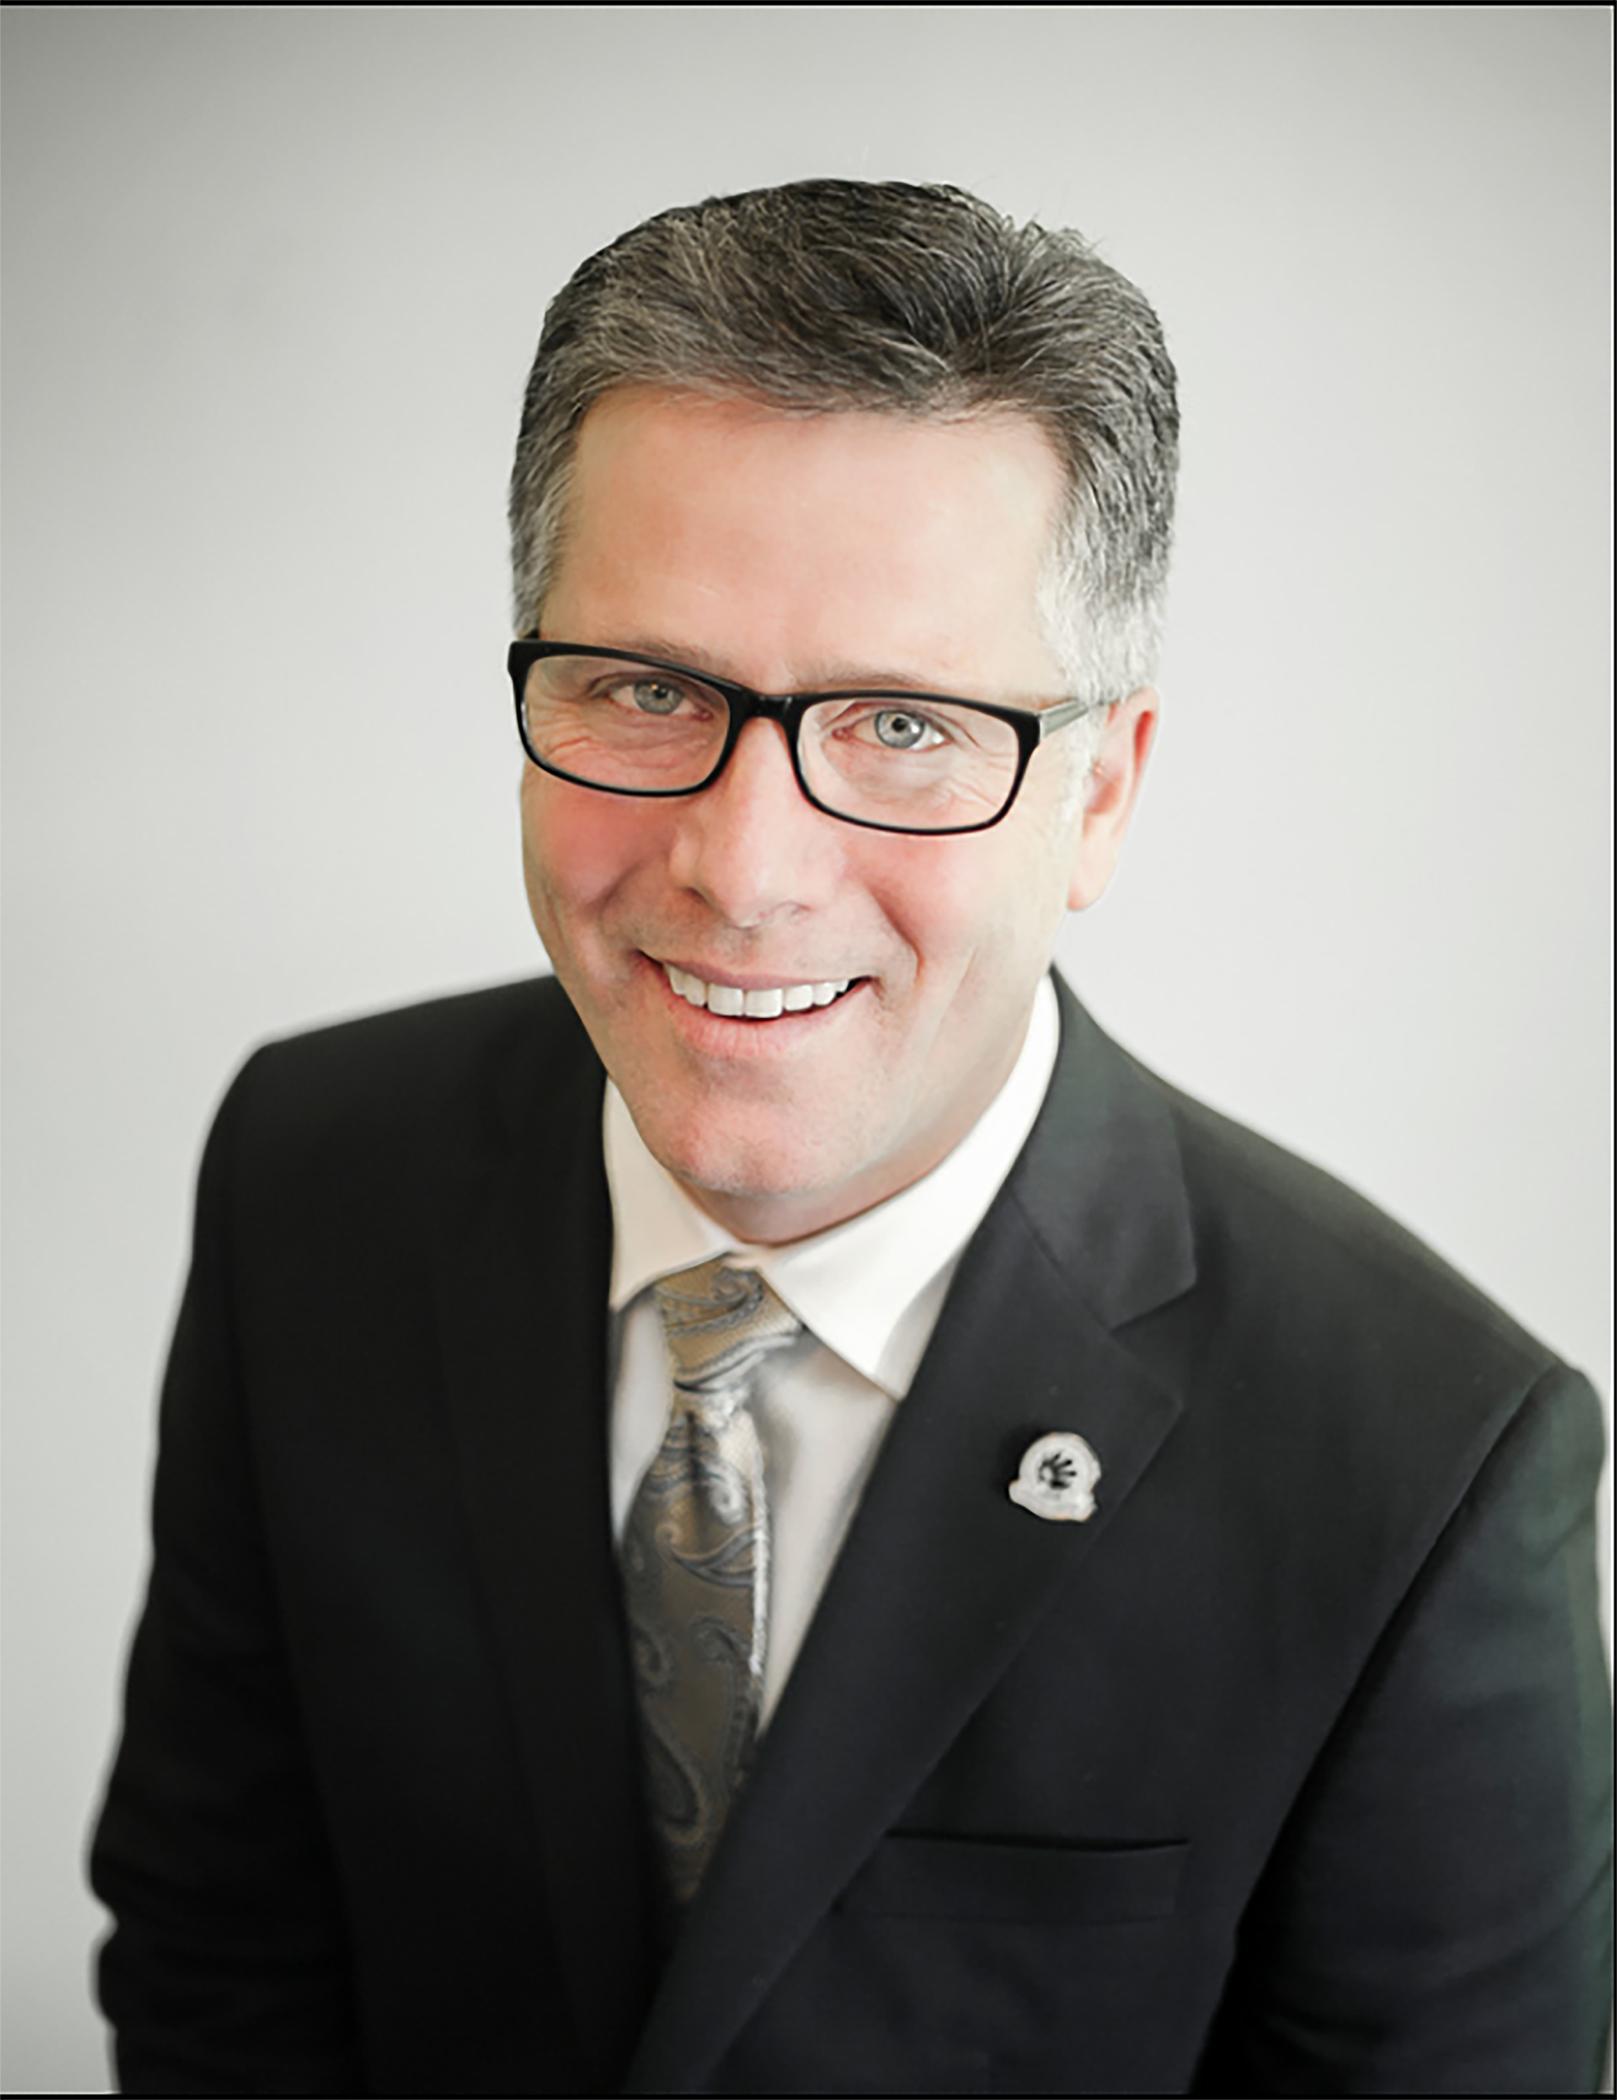 Dr. Brent Boyett